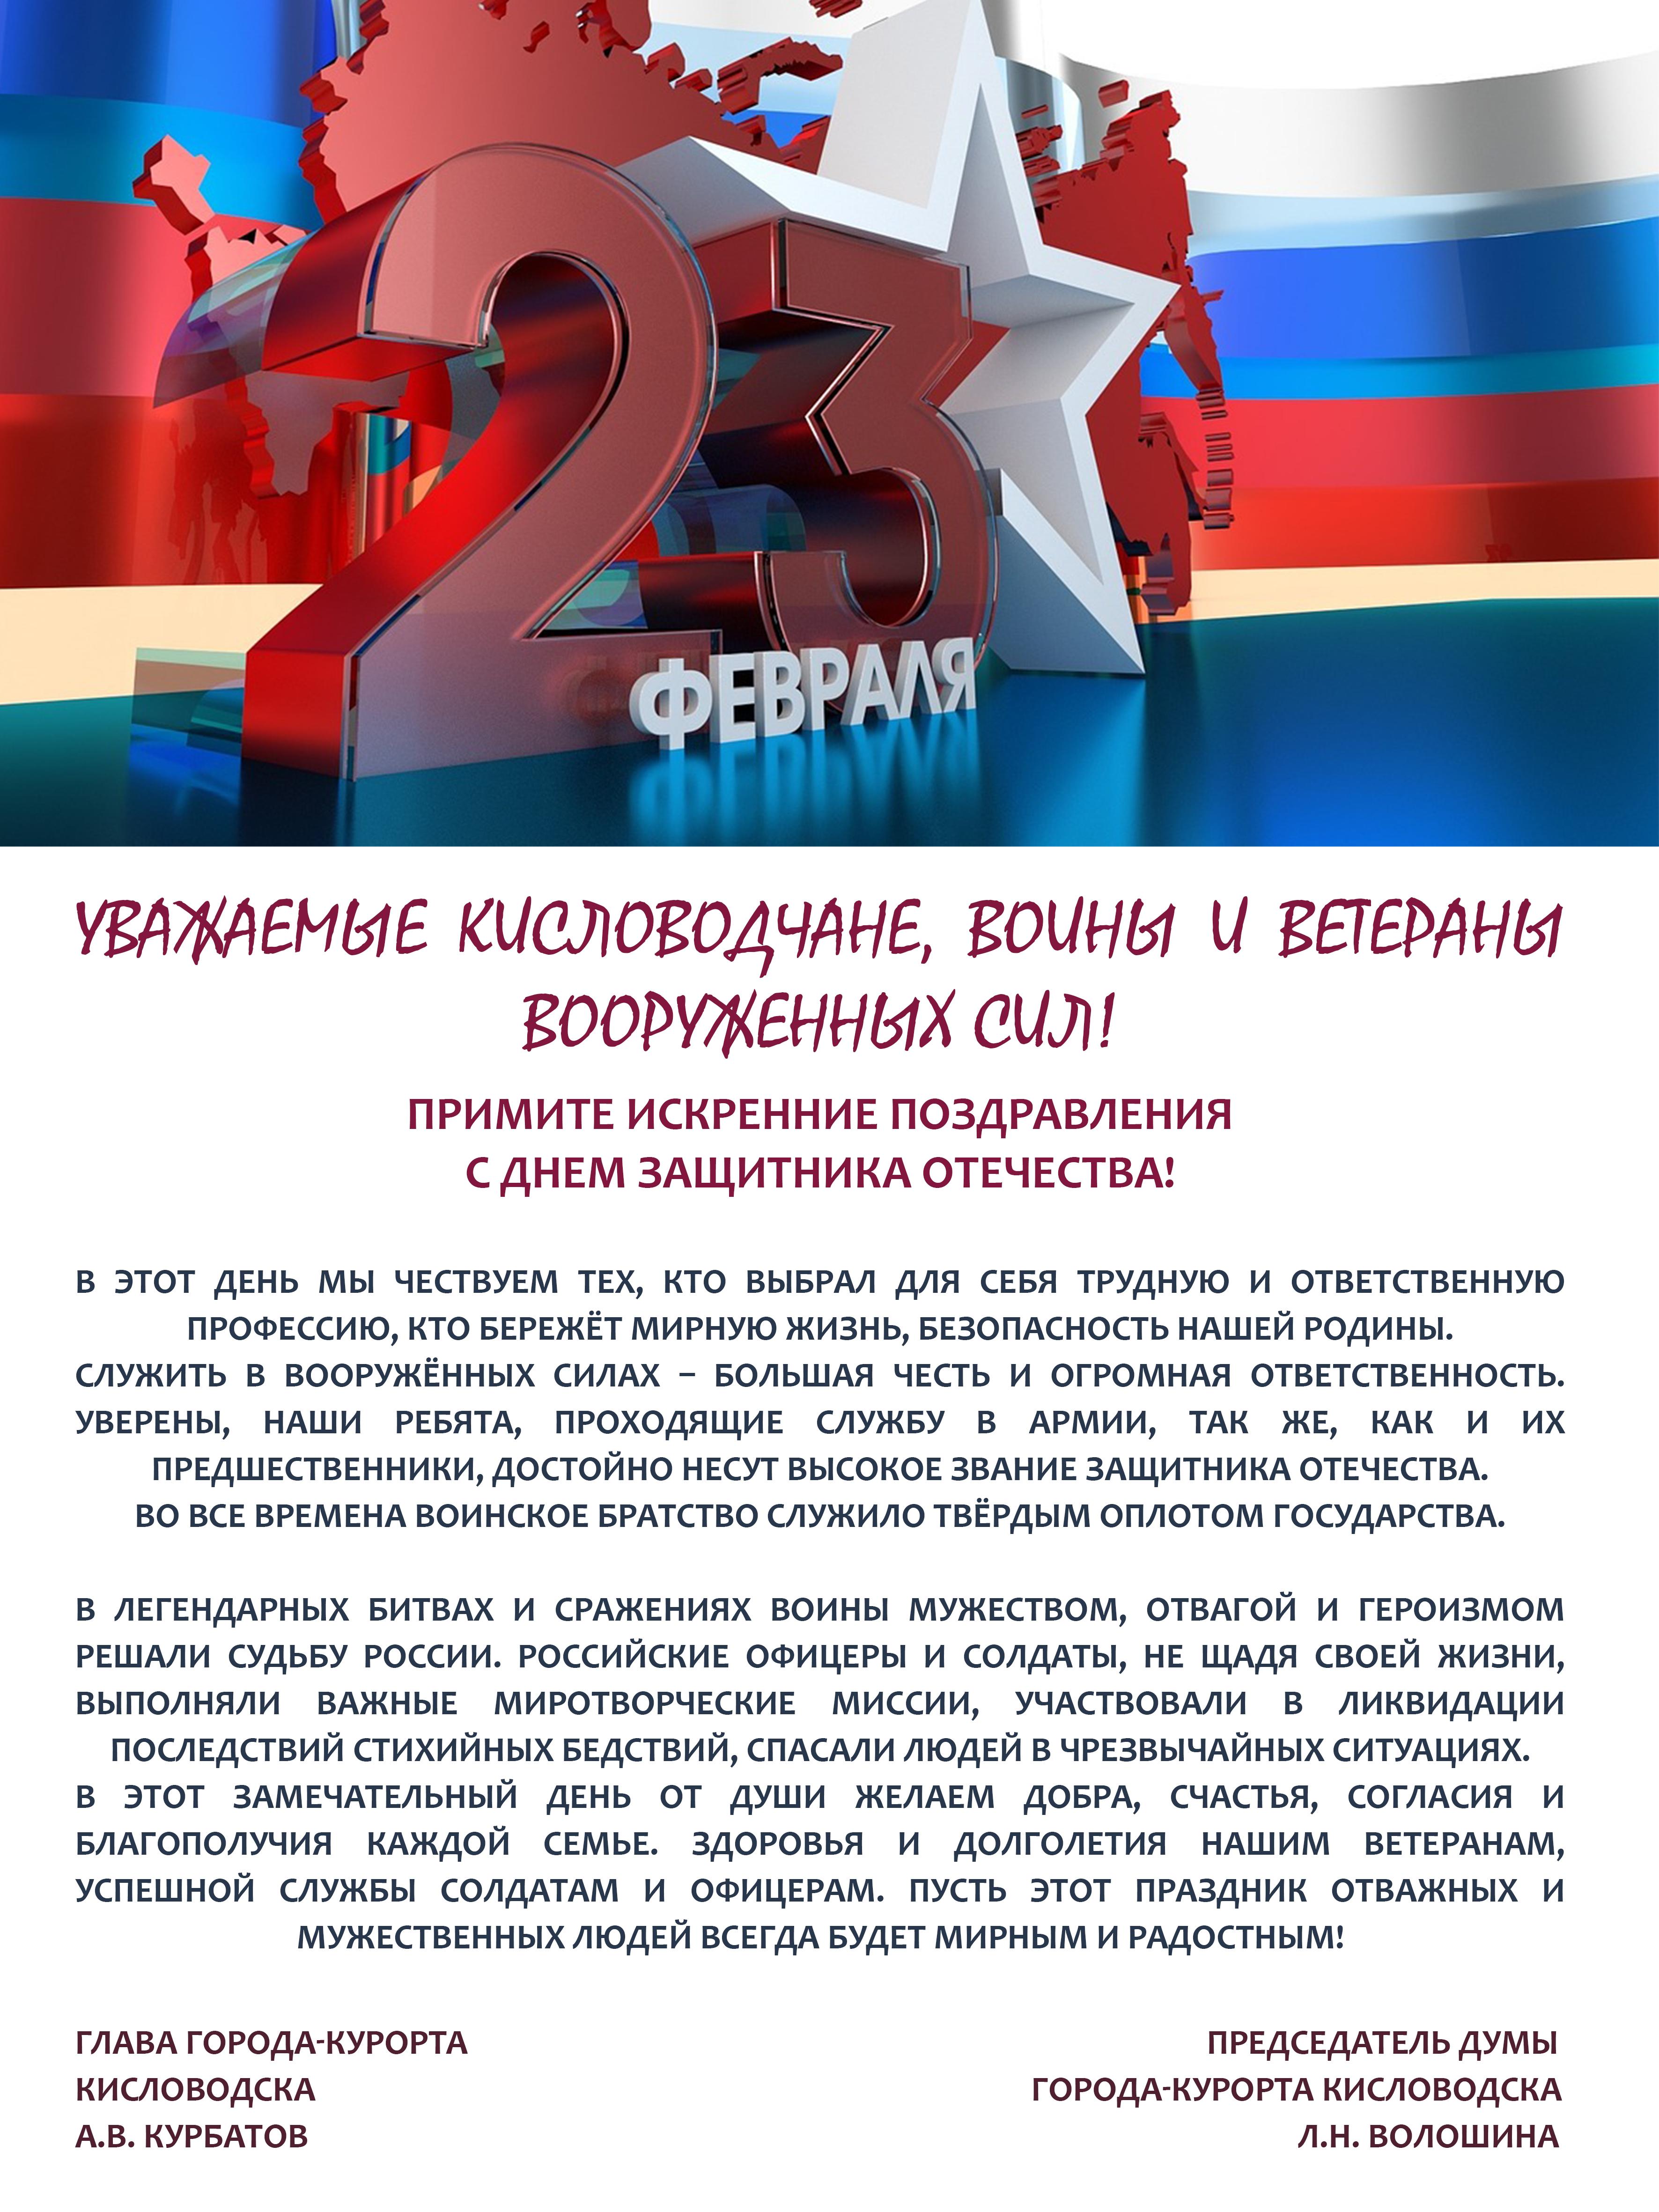 официальное поздравление с днем героев отечества от главы устойчивости